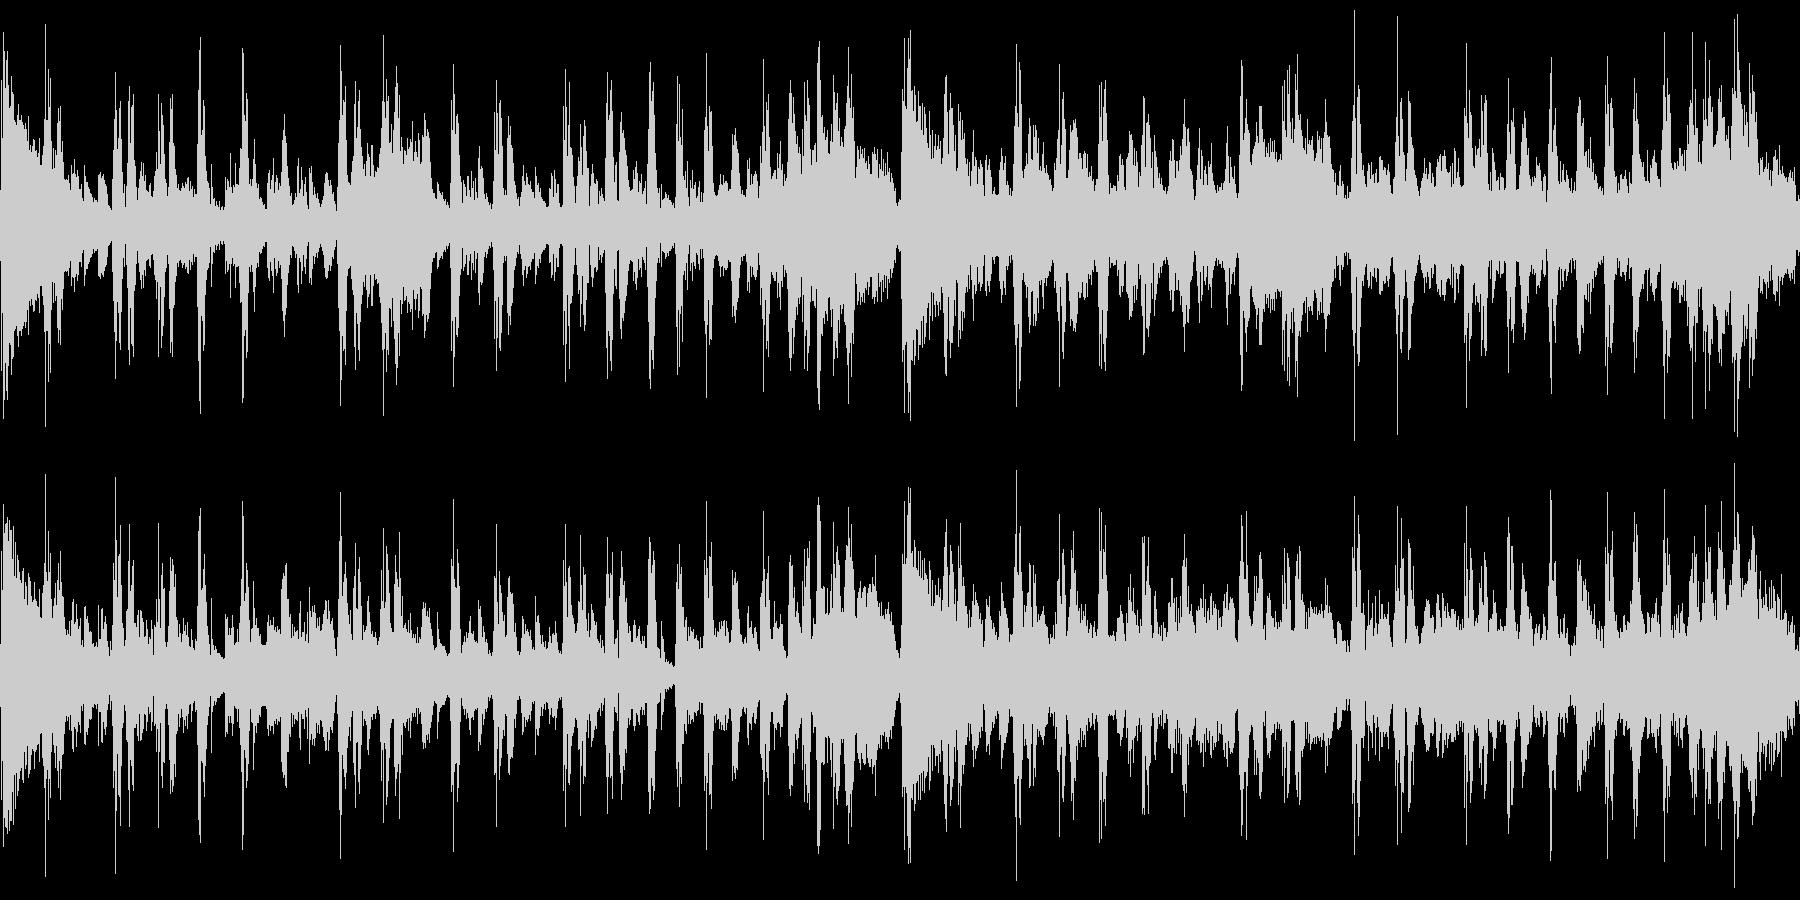 シンキング・タイム(メロ無し&ループ)の未再生の波形